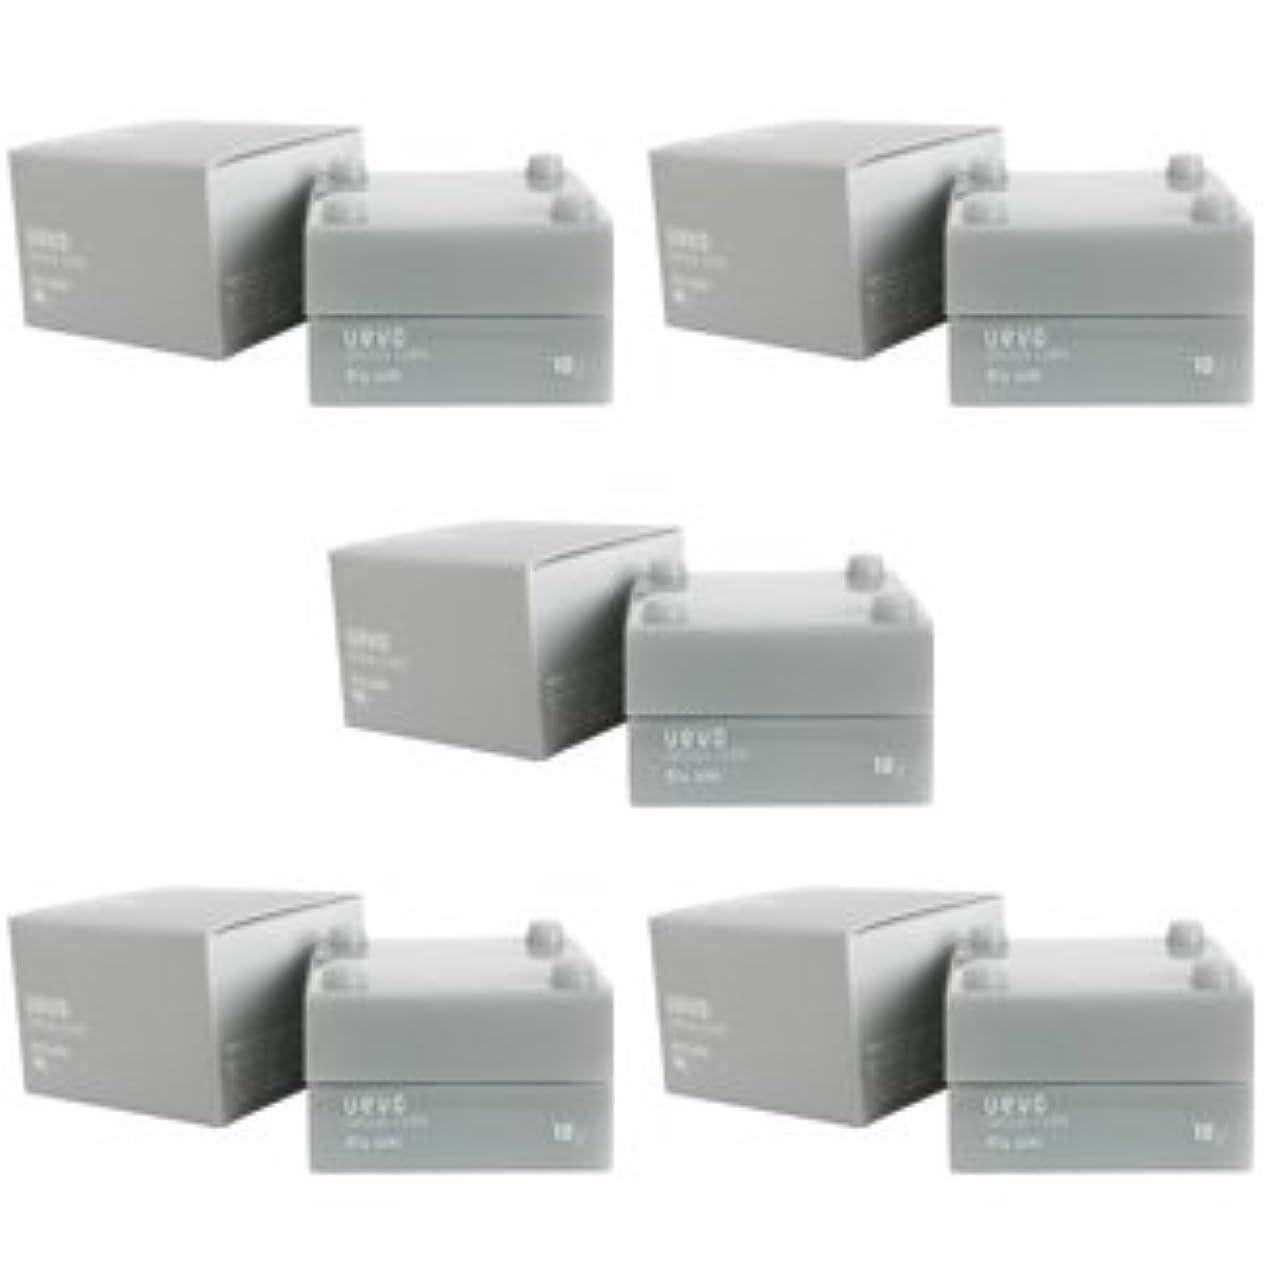 ベテラン非アクティブ最大化する【X5個セット】 デミ ウェーボ デザインキューブ ドライワックス 30g dry wax DEMI uevo design cube